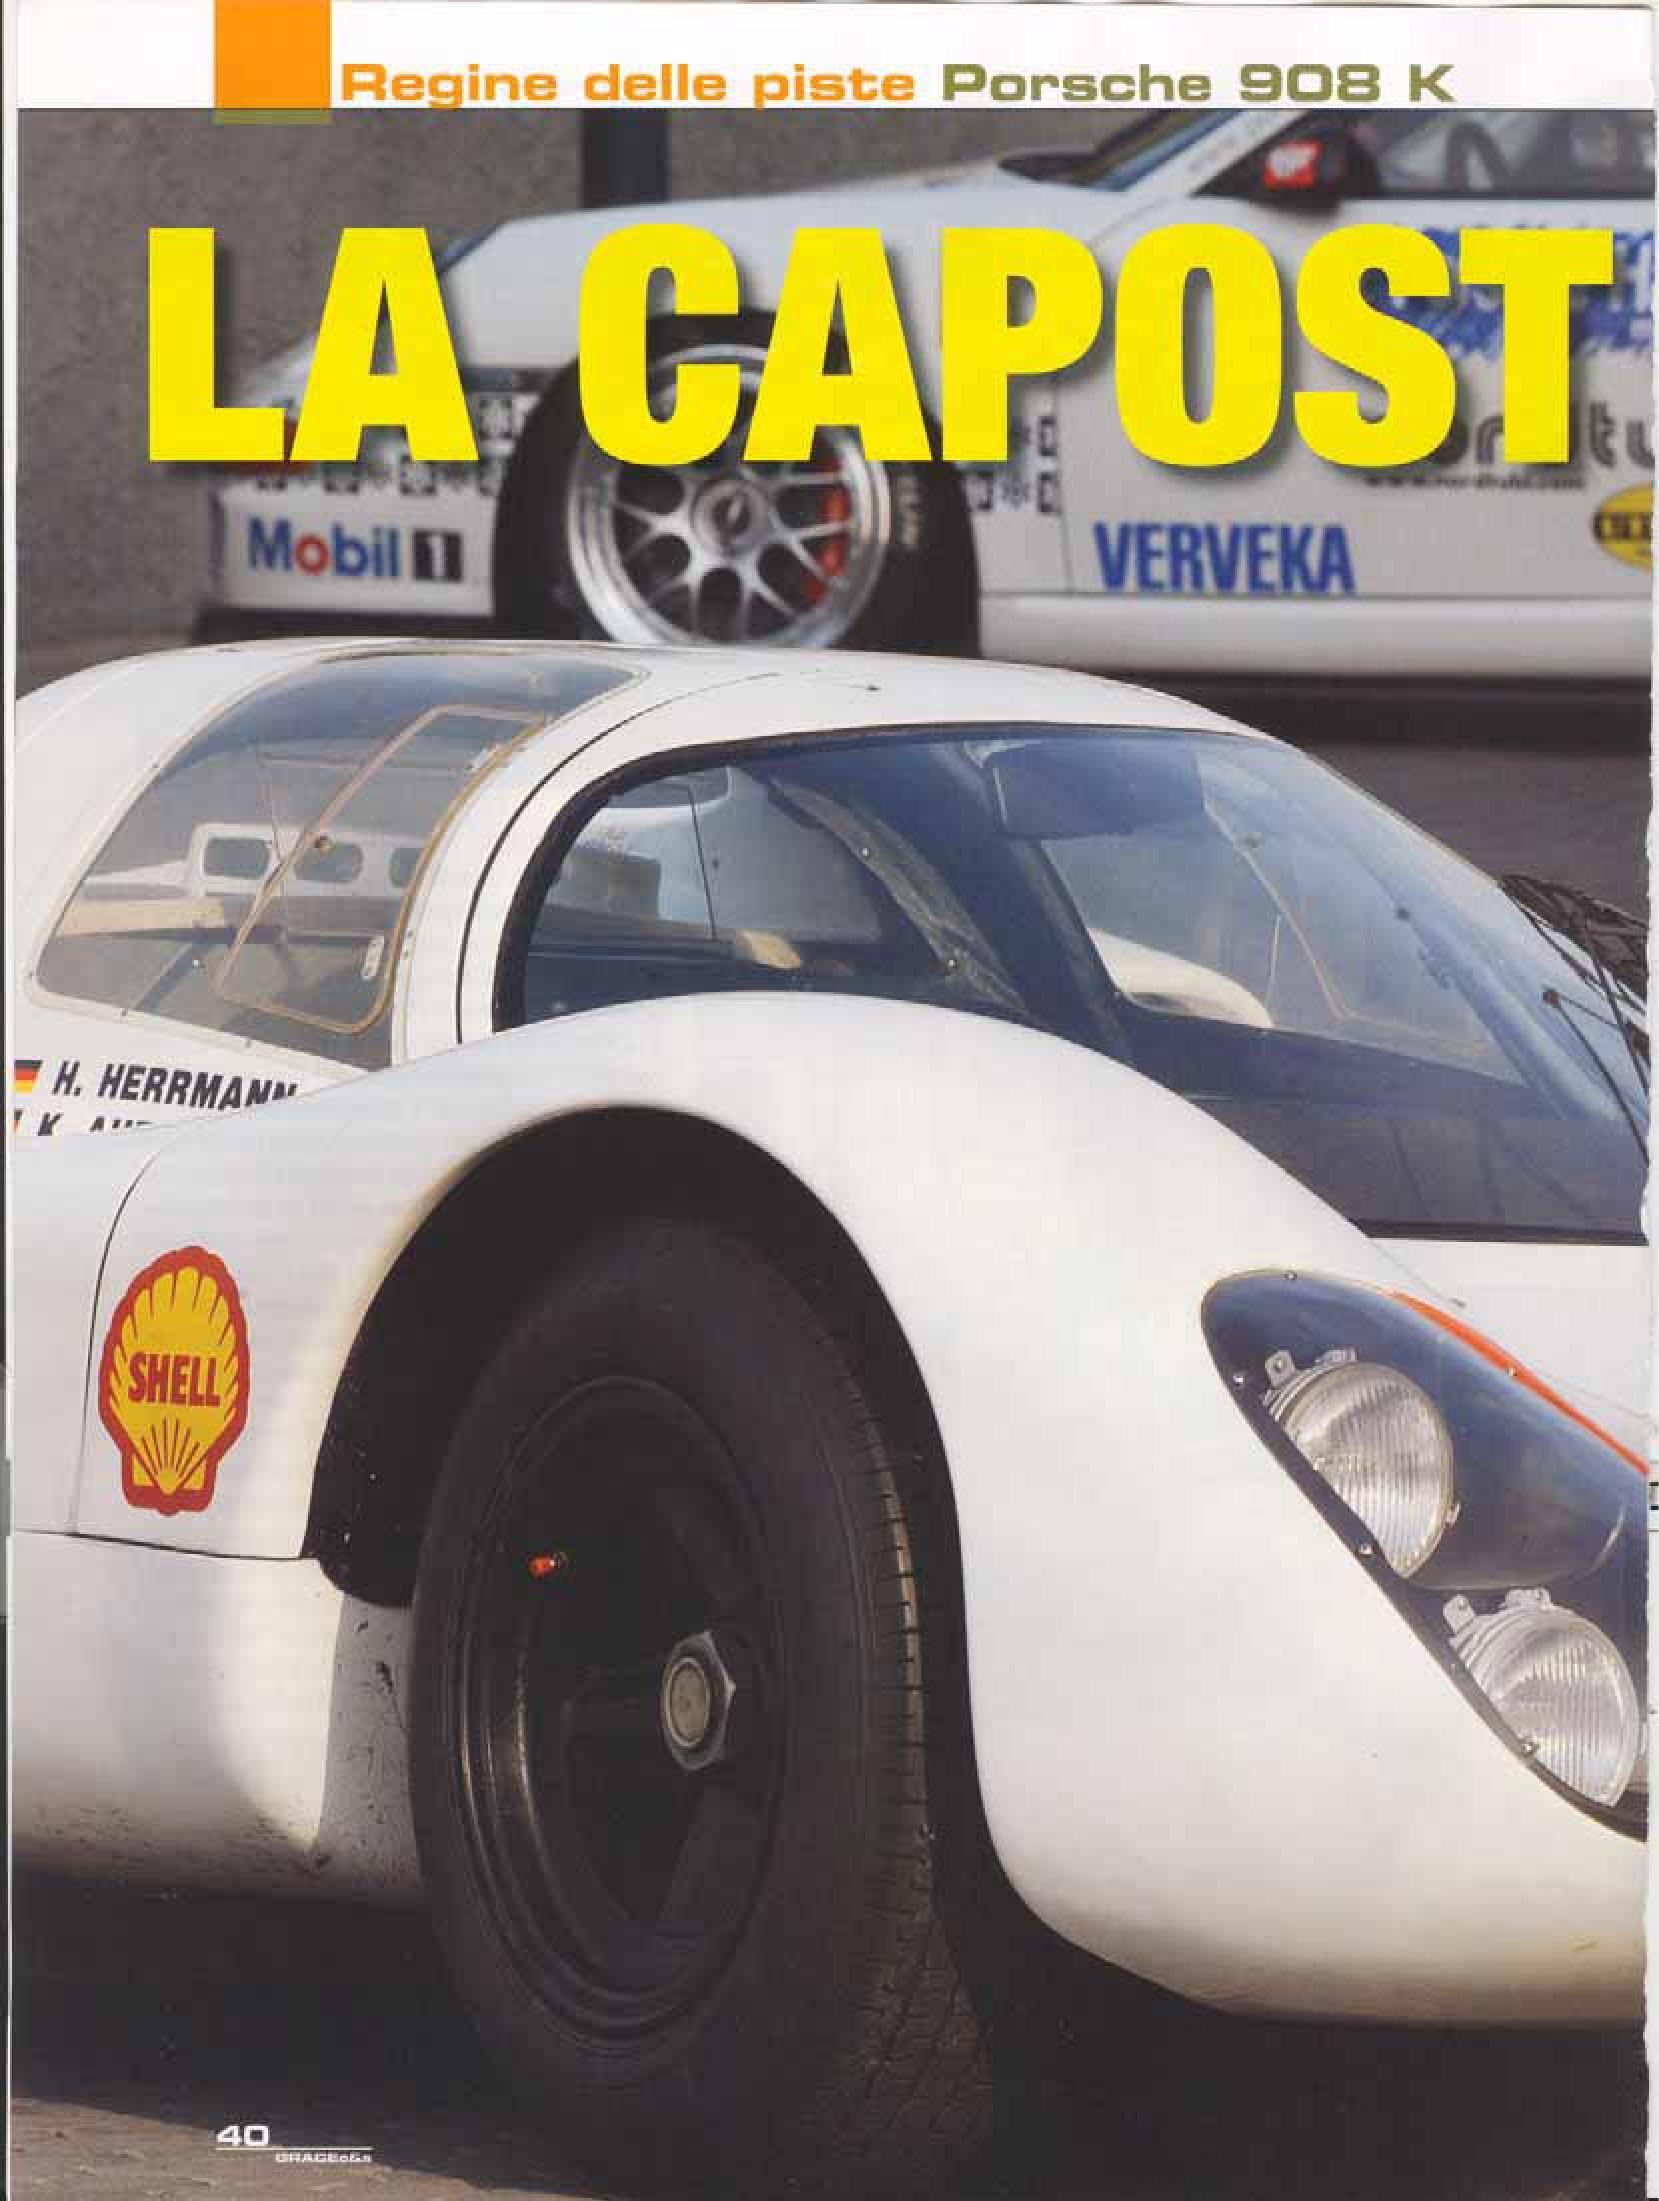 Porsche 908 Kurzhech (Grace classic cars, 11/2008, It) | Porsche ...